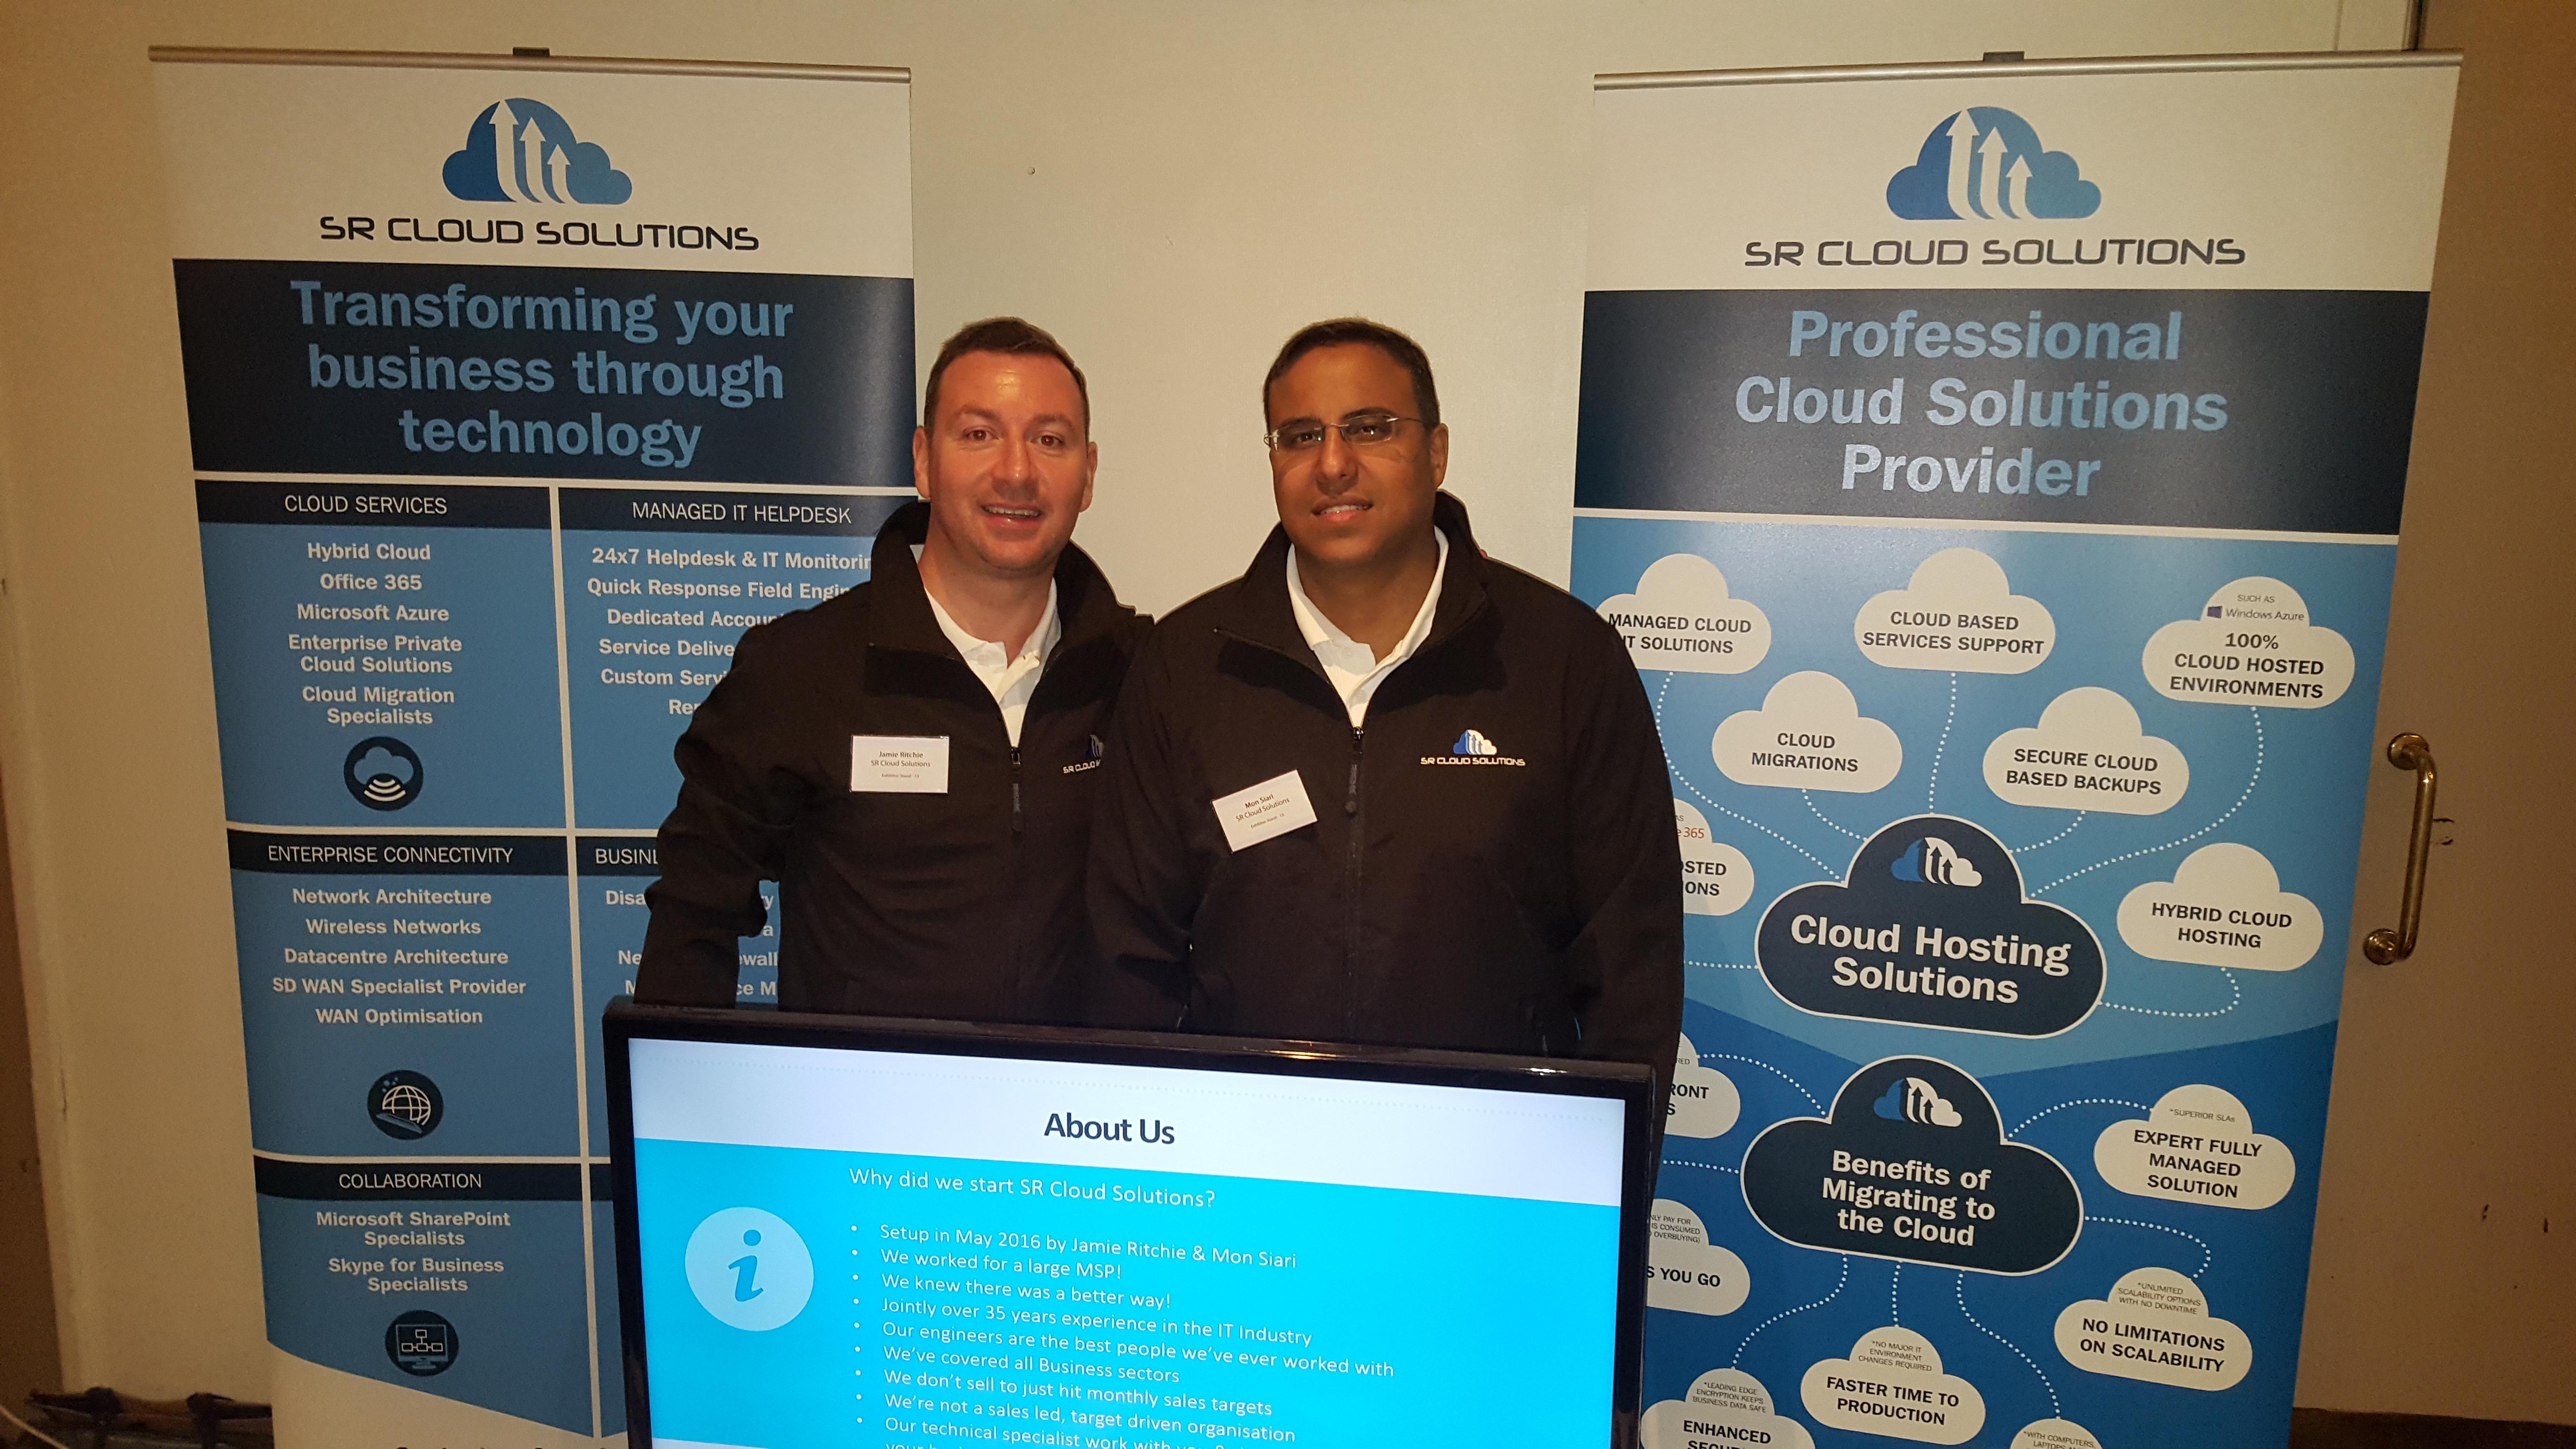 SR Cloud Solutions Ltd